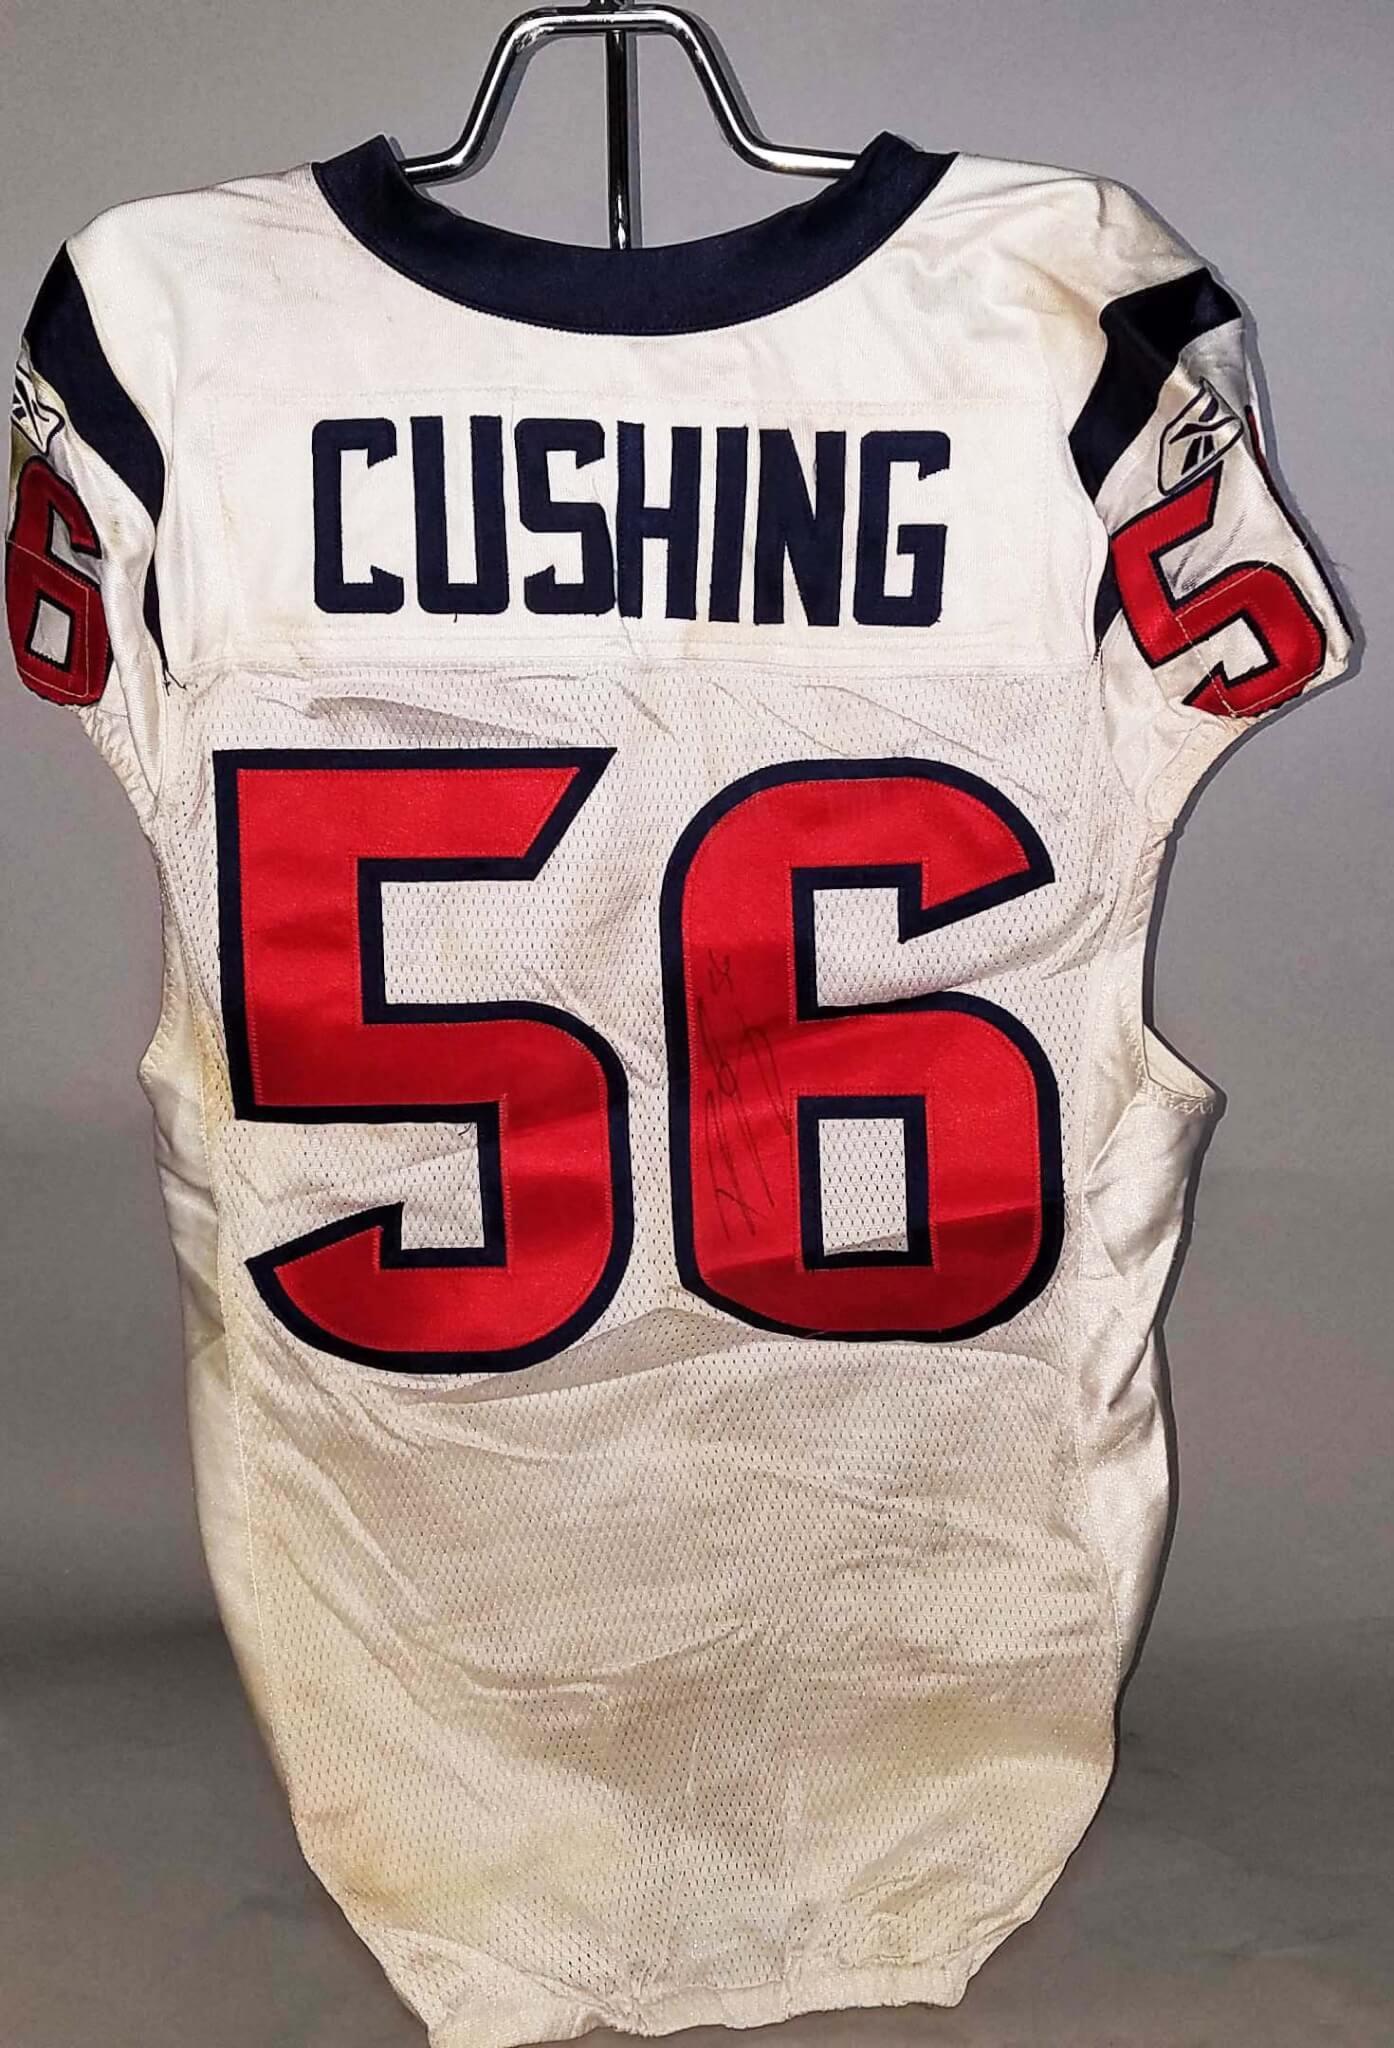 cushing jersey